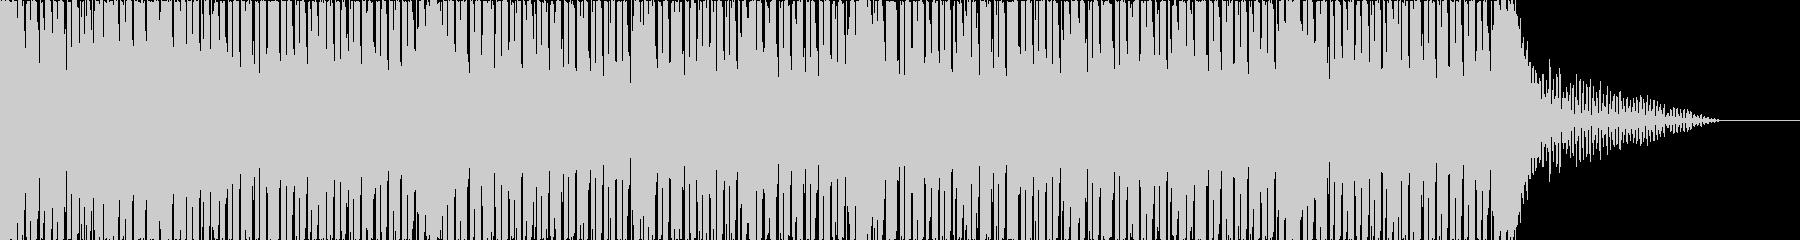 エレクトロ、お洒落、近未来、BGM、2の未再生の波形